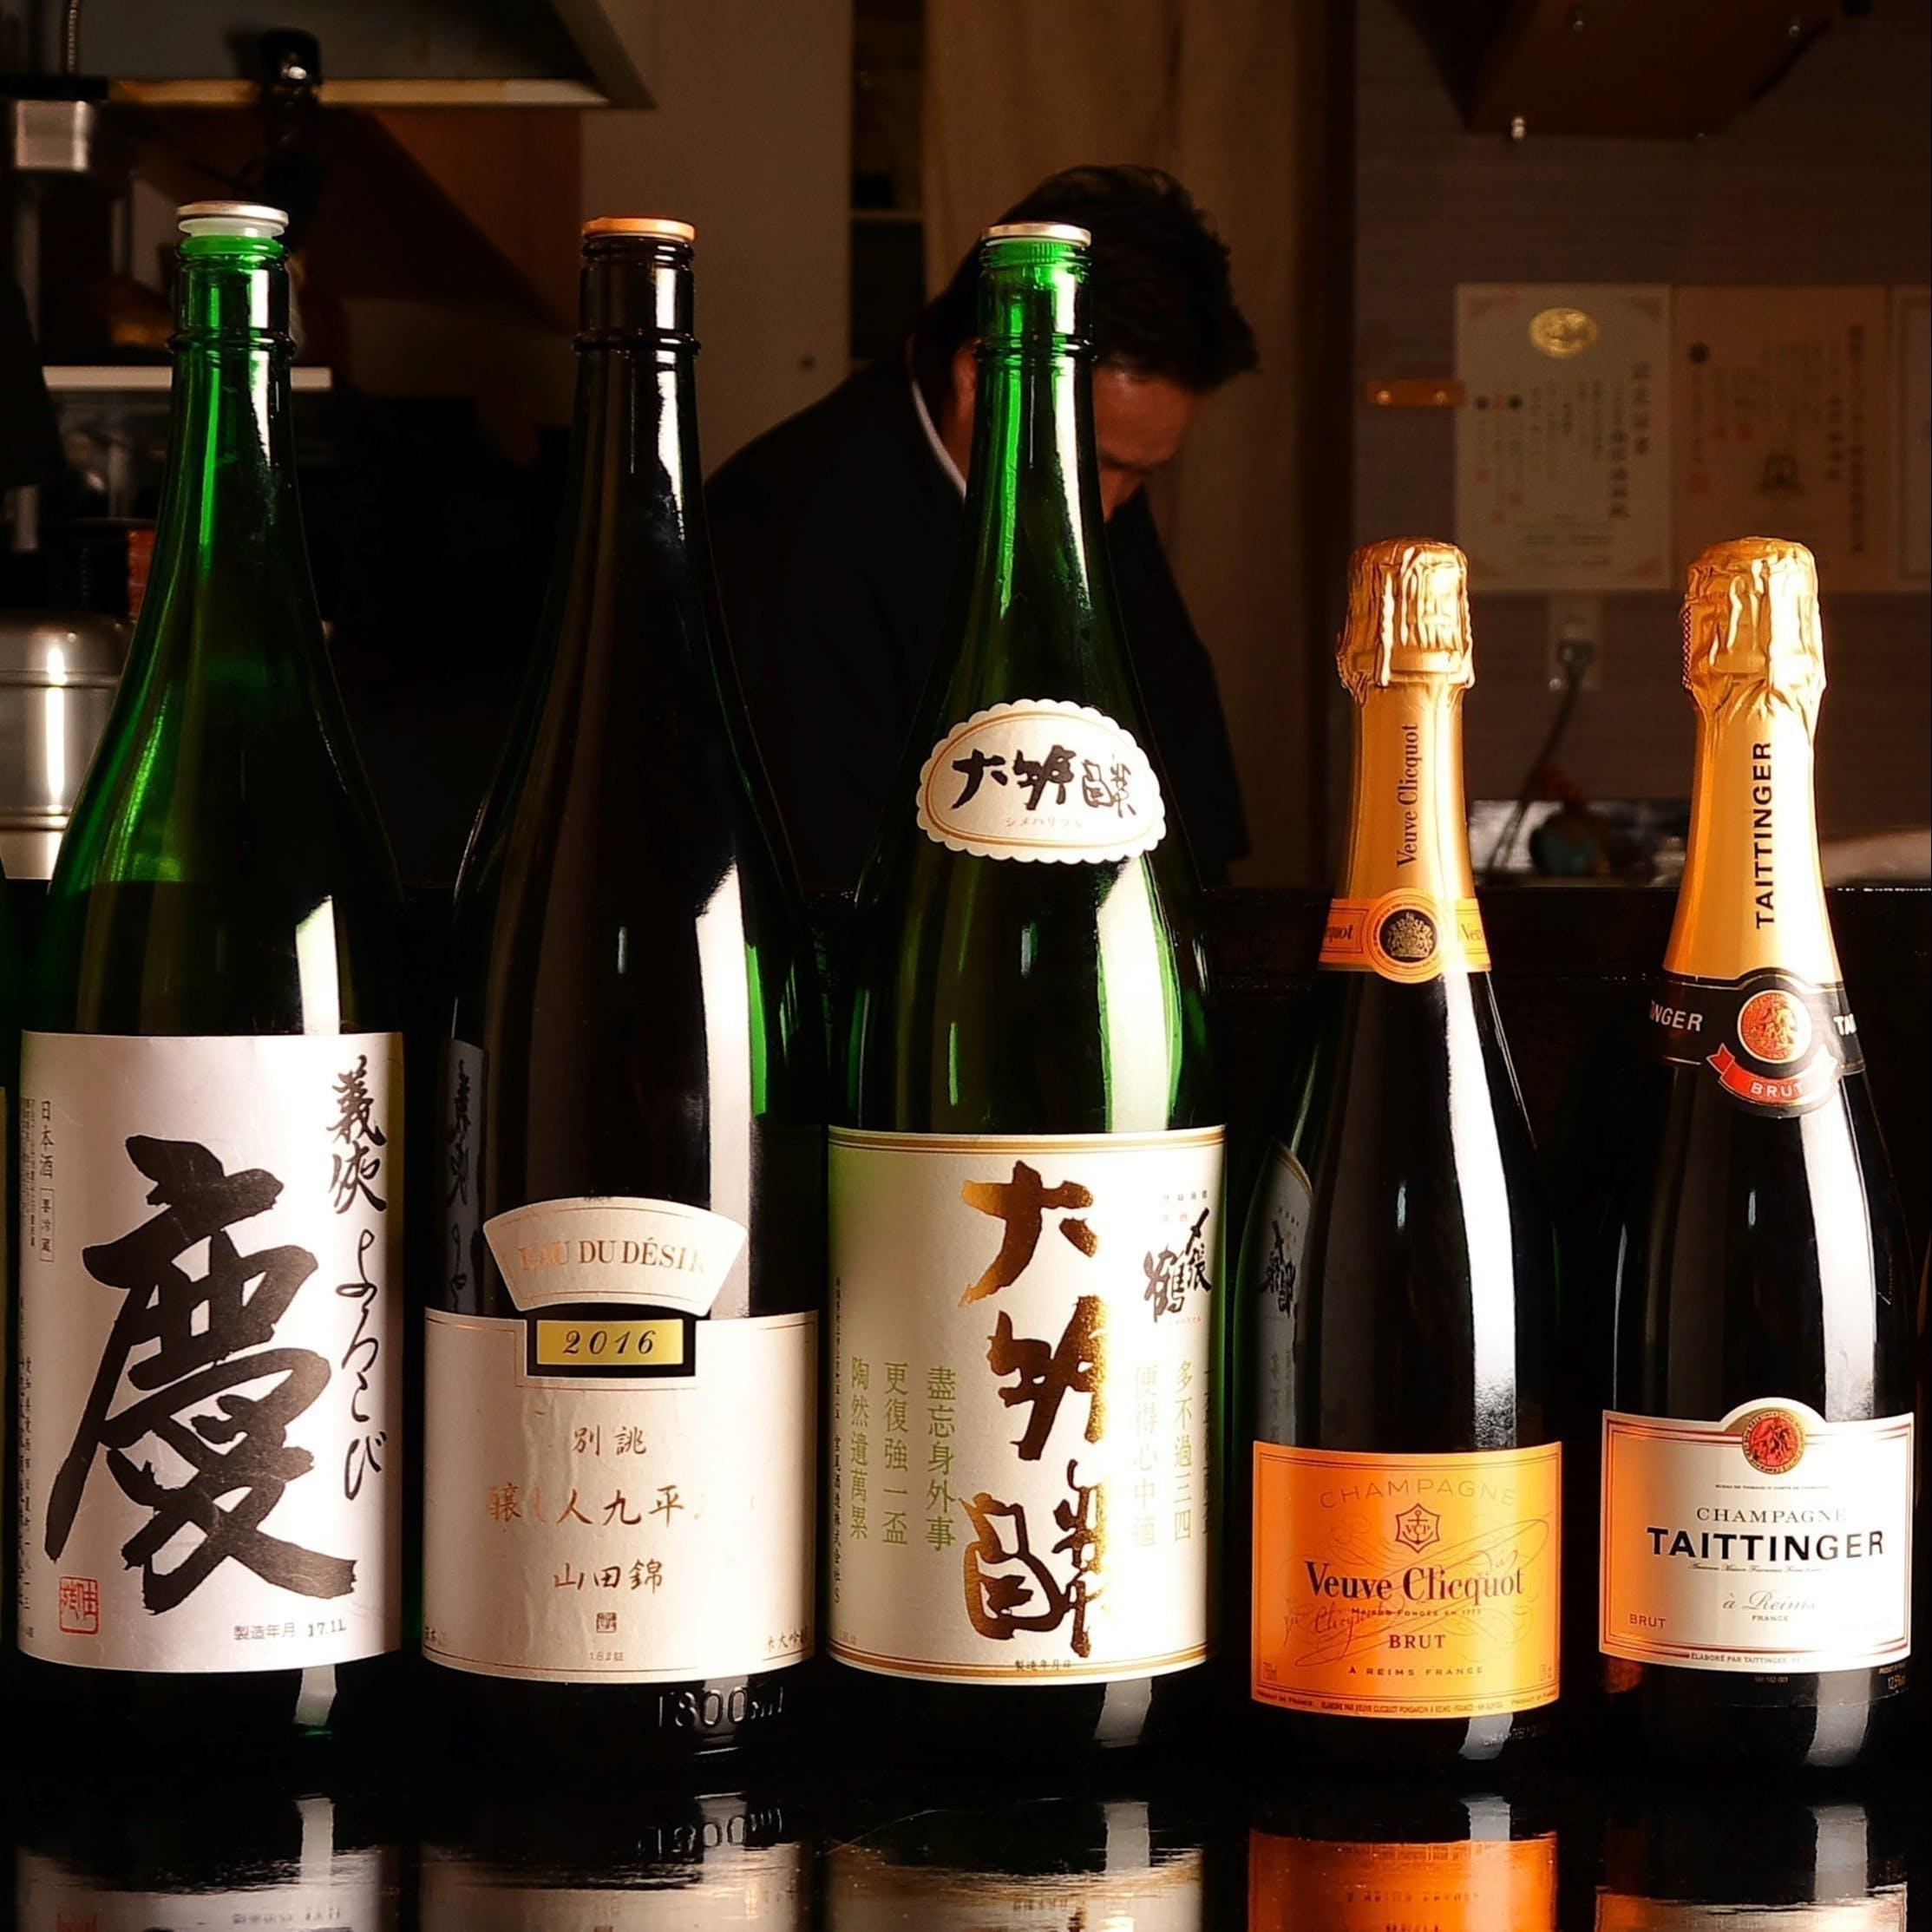 天ぷらと美酒のマリアージュ